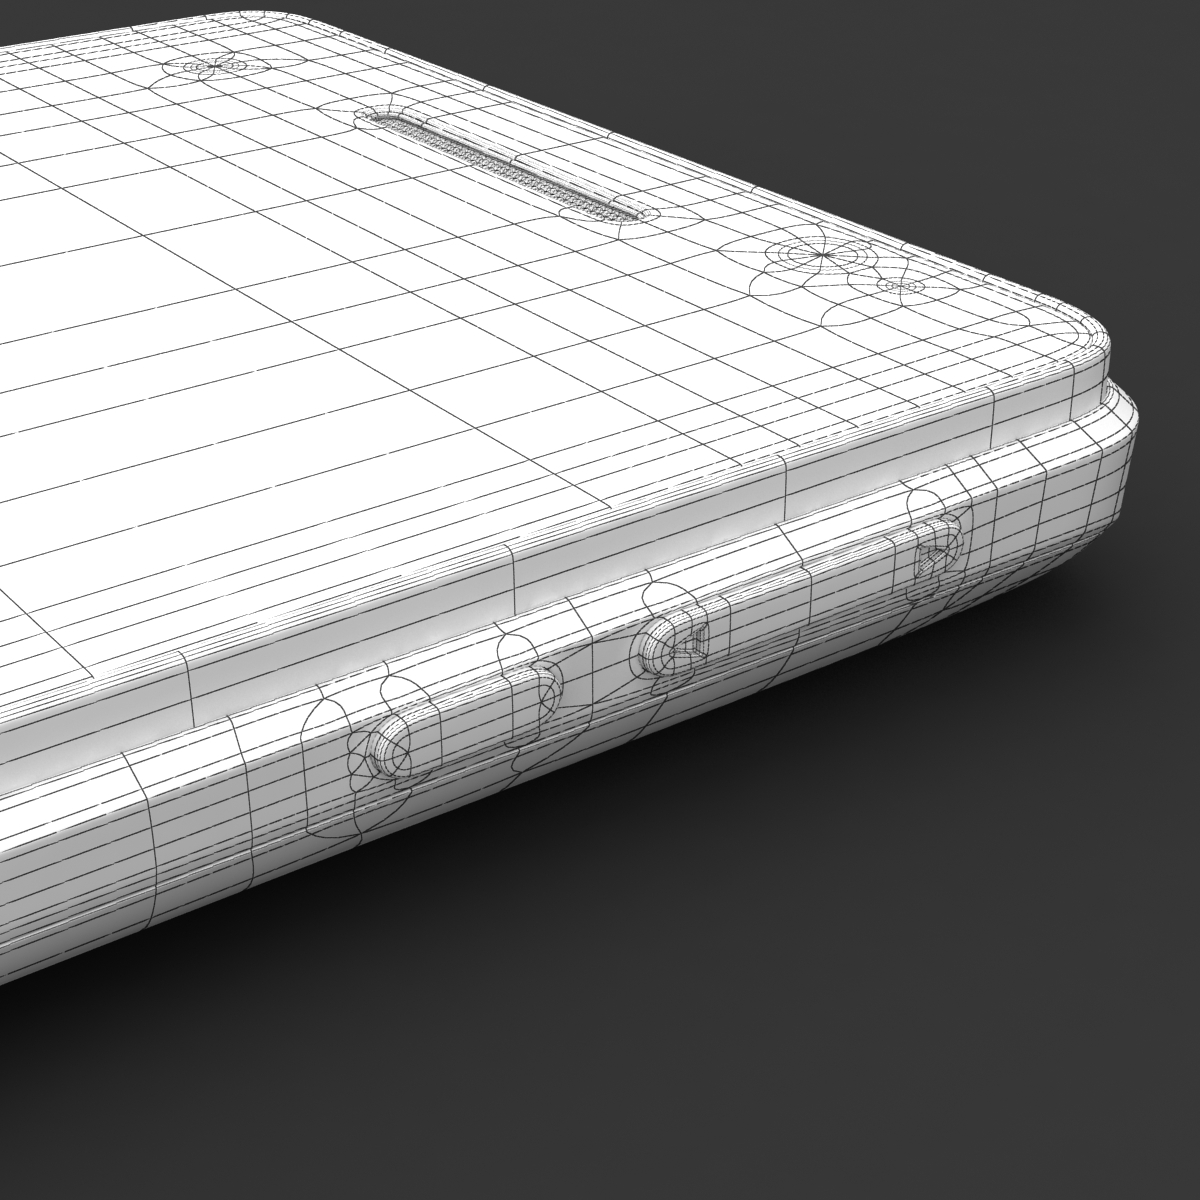 sony xperia v 3d model 3ds max fbx c4d lwo obj 151211